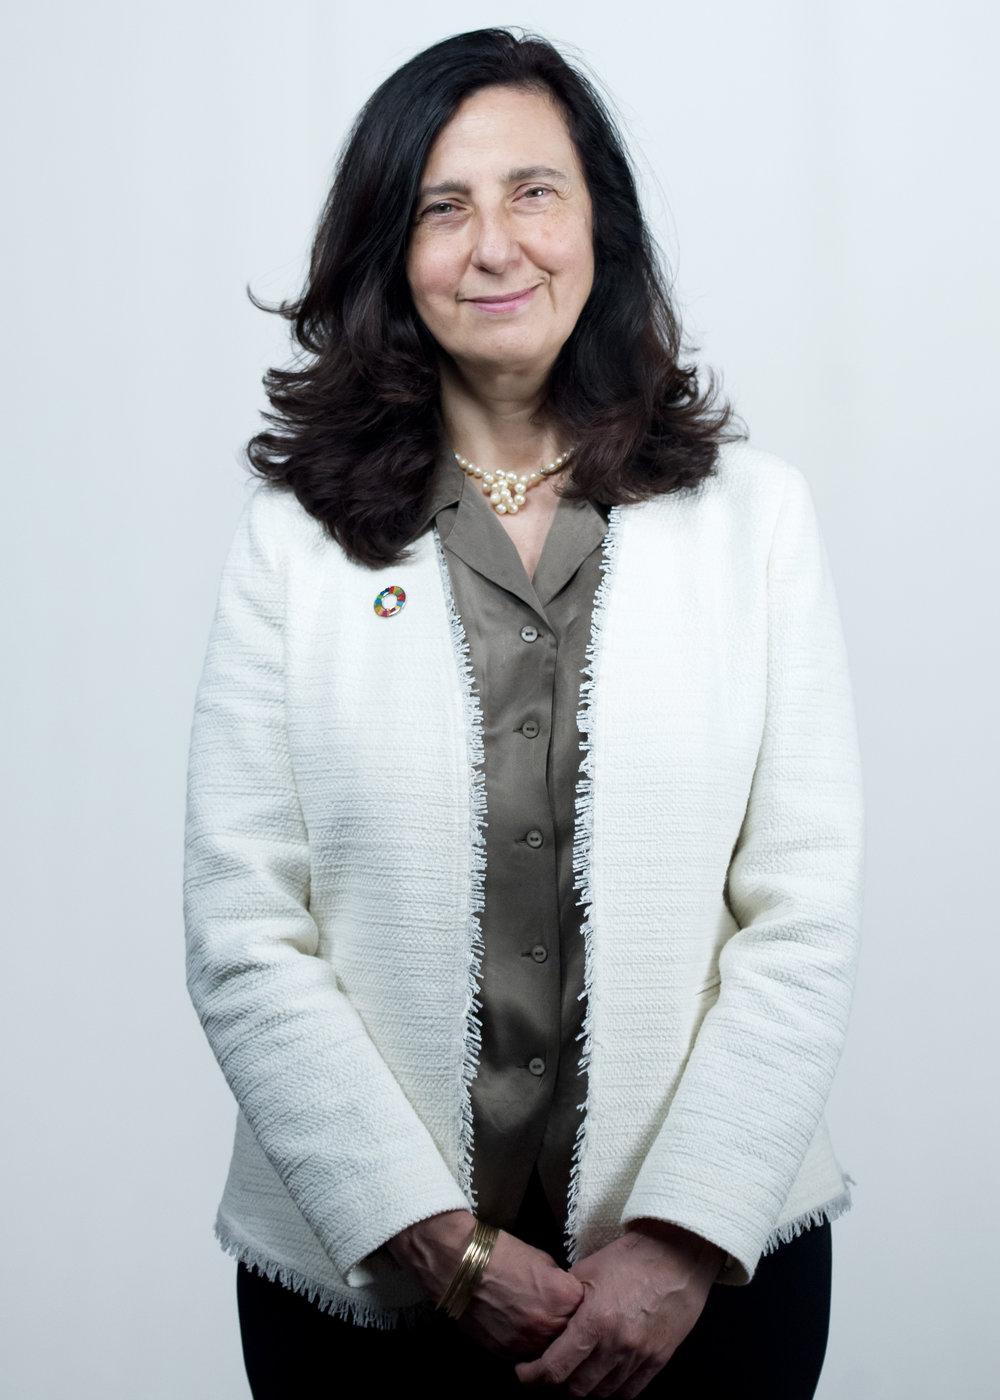 Alessandra Vellucci, direttrice del Servizio di informazione dell'ONU di Ginevra. © ONU / 2017